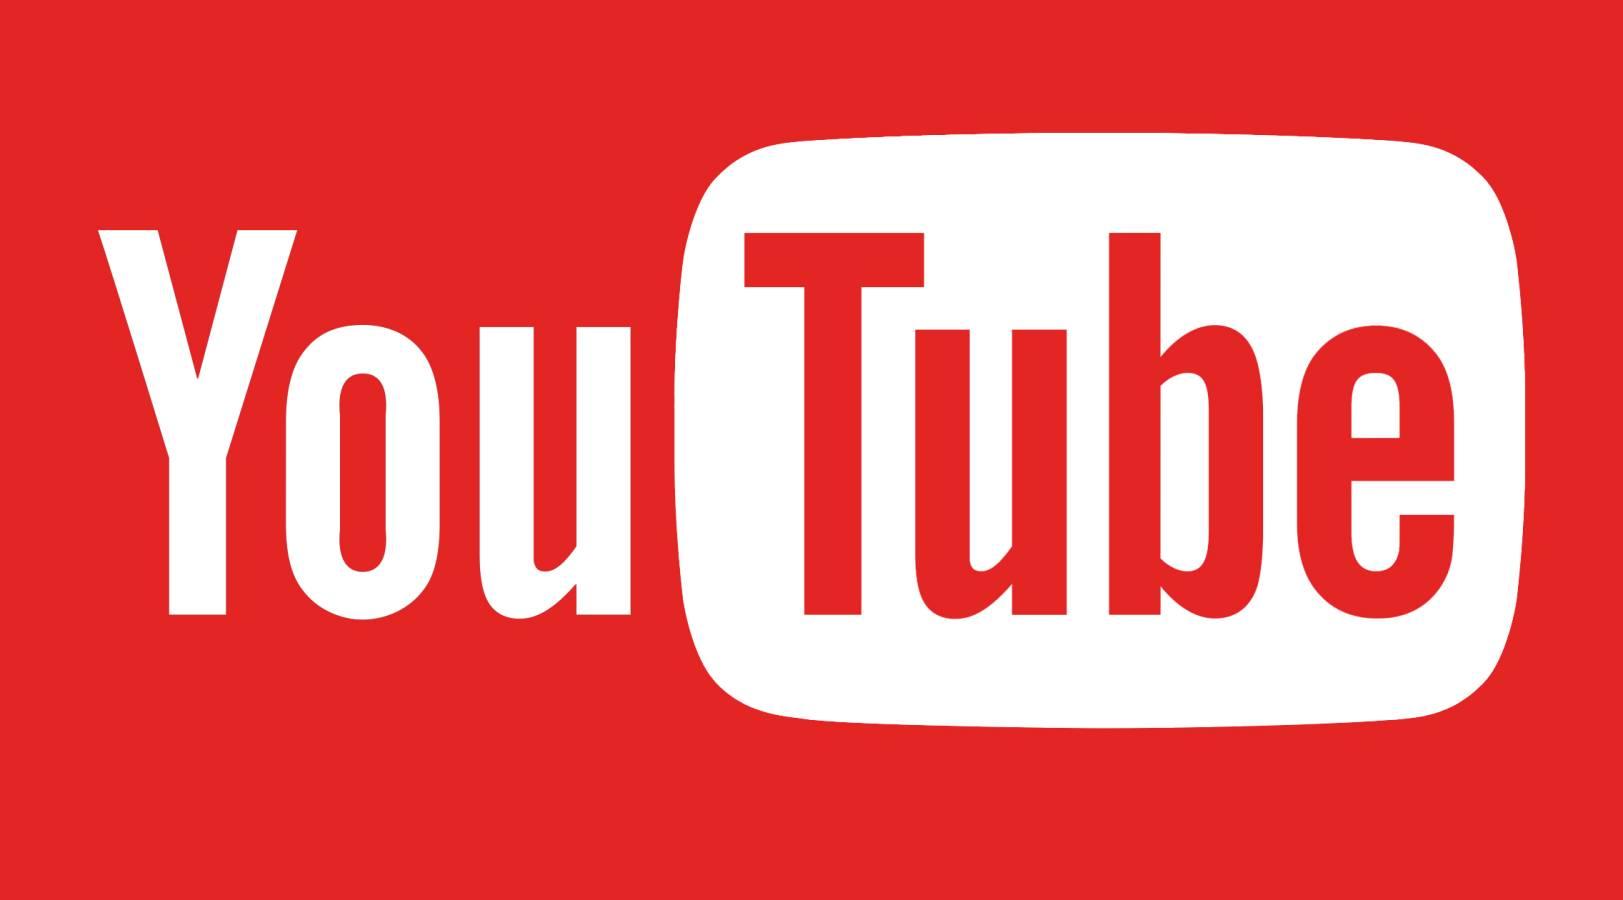 YouTube Noua Actualizare, ce Schimbari sunt Oferite pentru Oameni